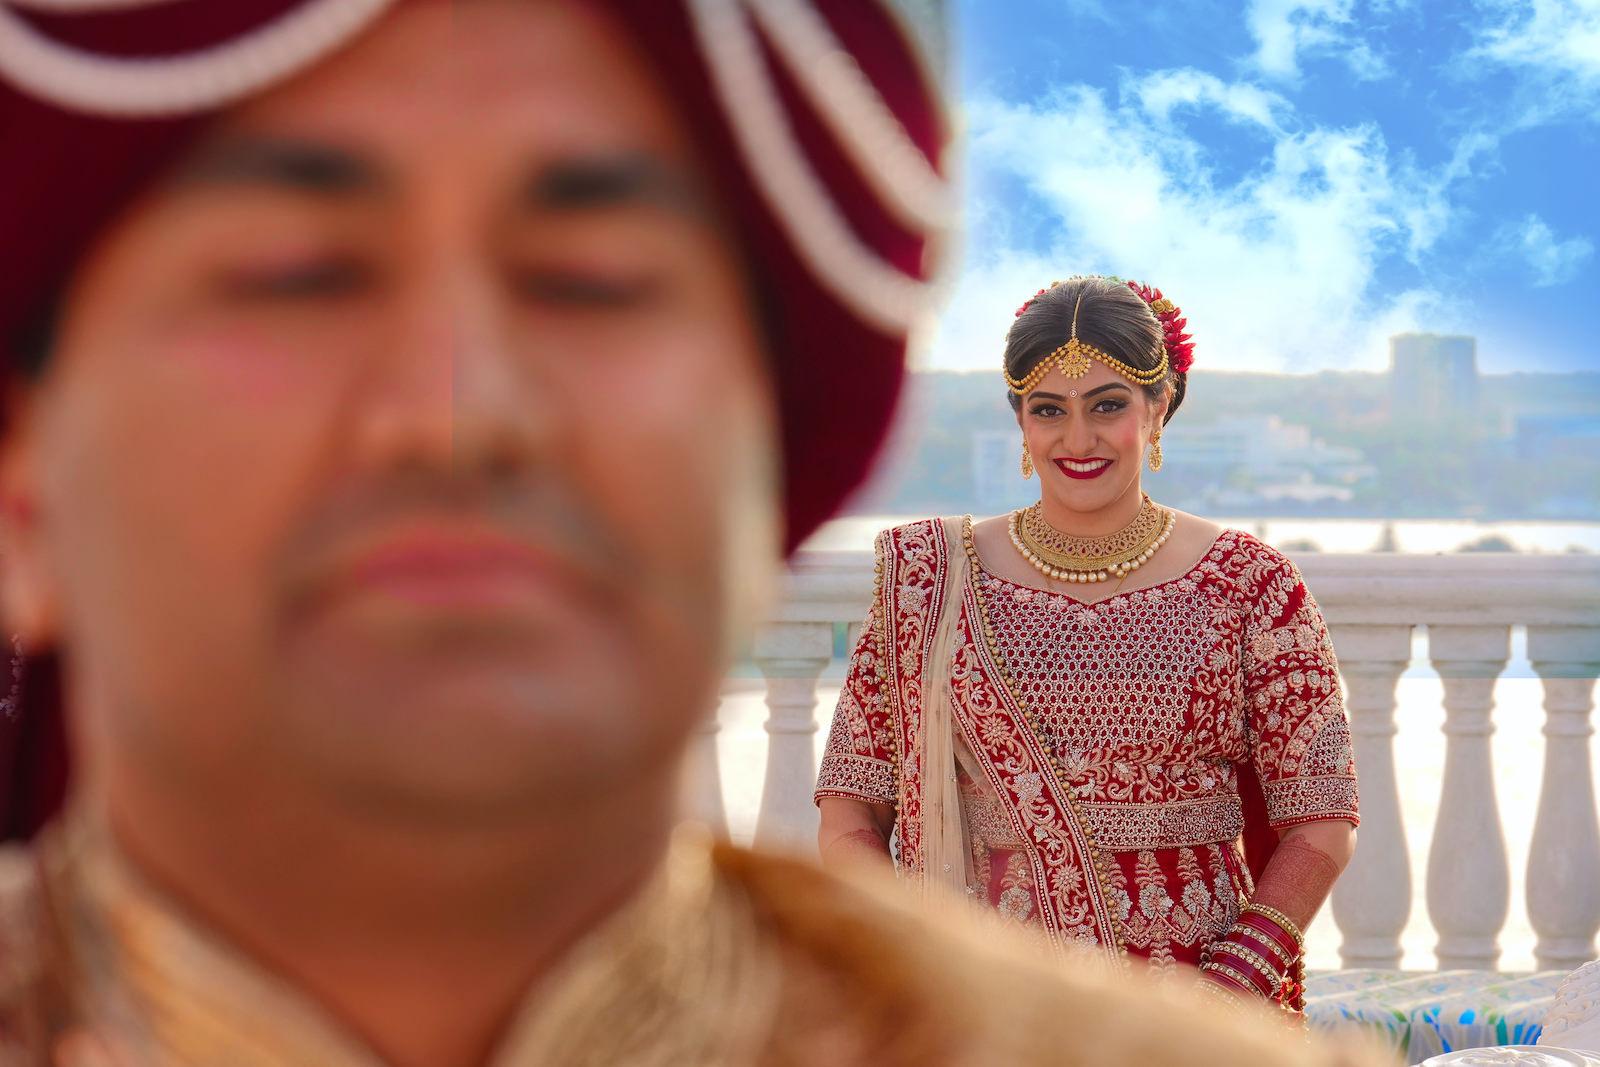 Clearwater Florida Indian Wedding | Bride and Groom First Look | Clearwater Wedding Venue Hyatt Regency Clearwater Beach Resort and Spa Rooftop